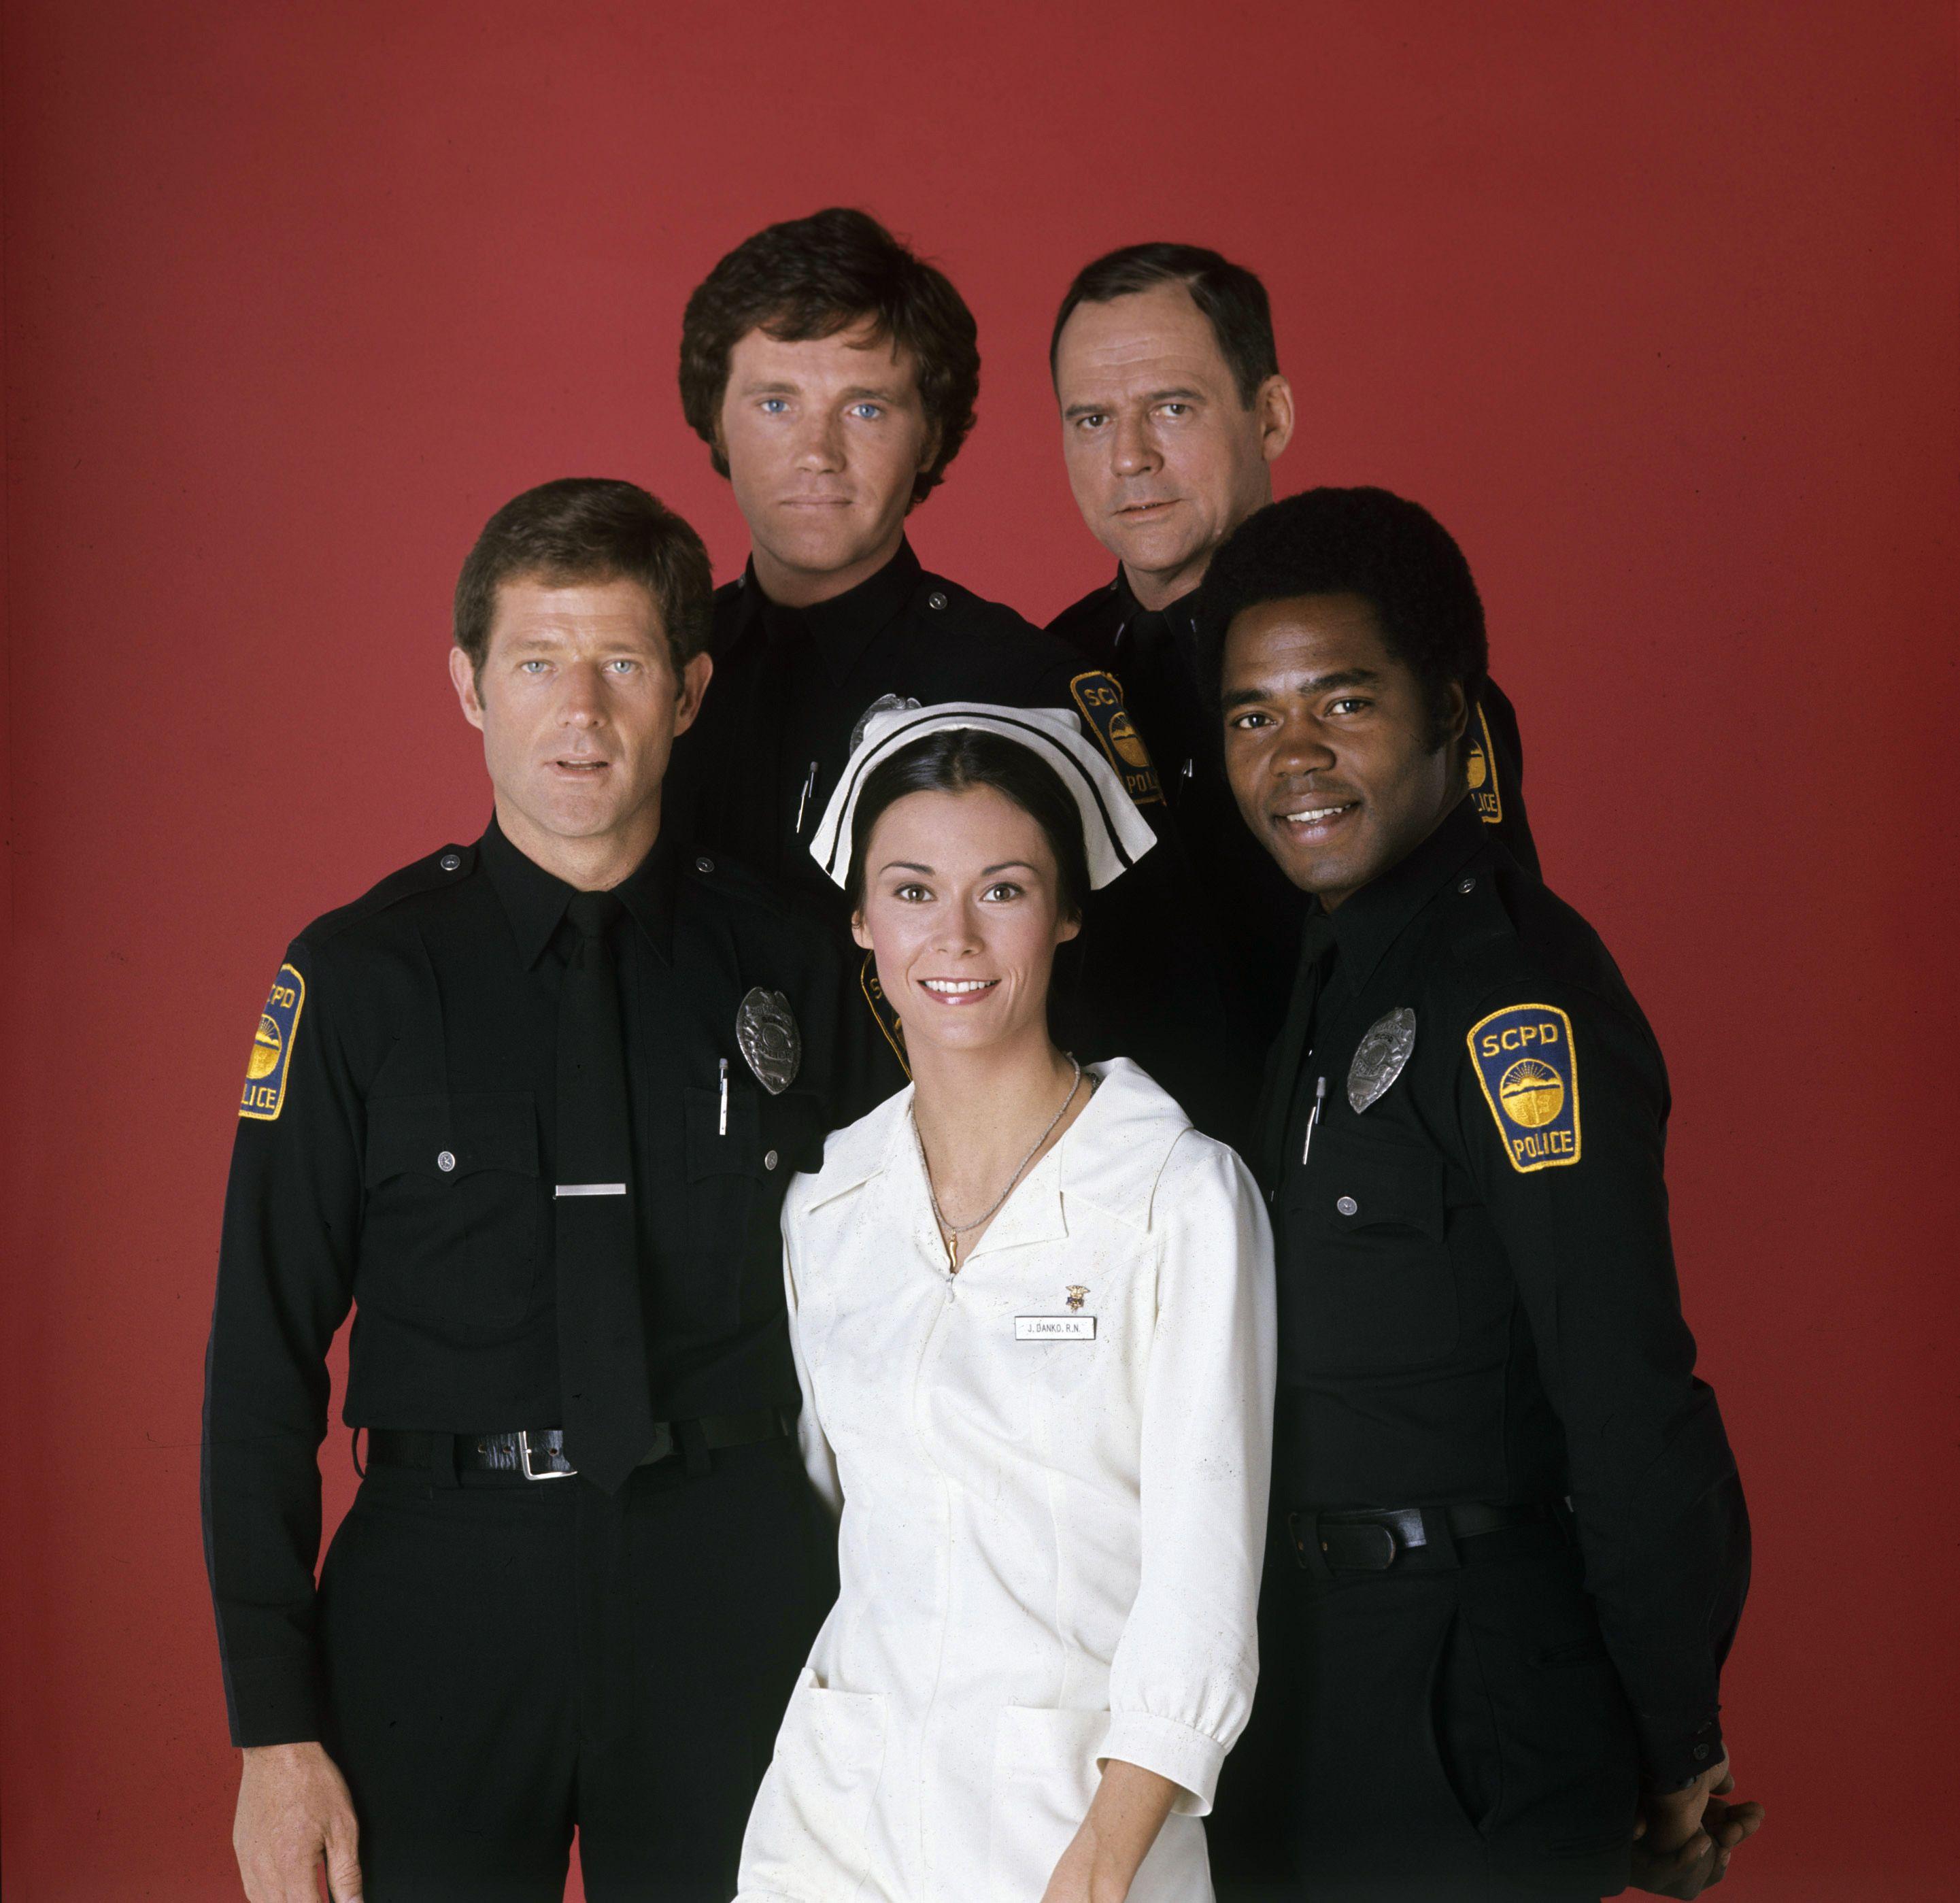 The Cast Of The Rookies, Sam Melville, Bruce Fairbairn